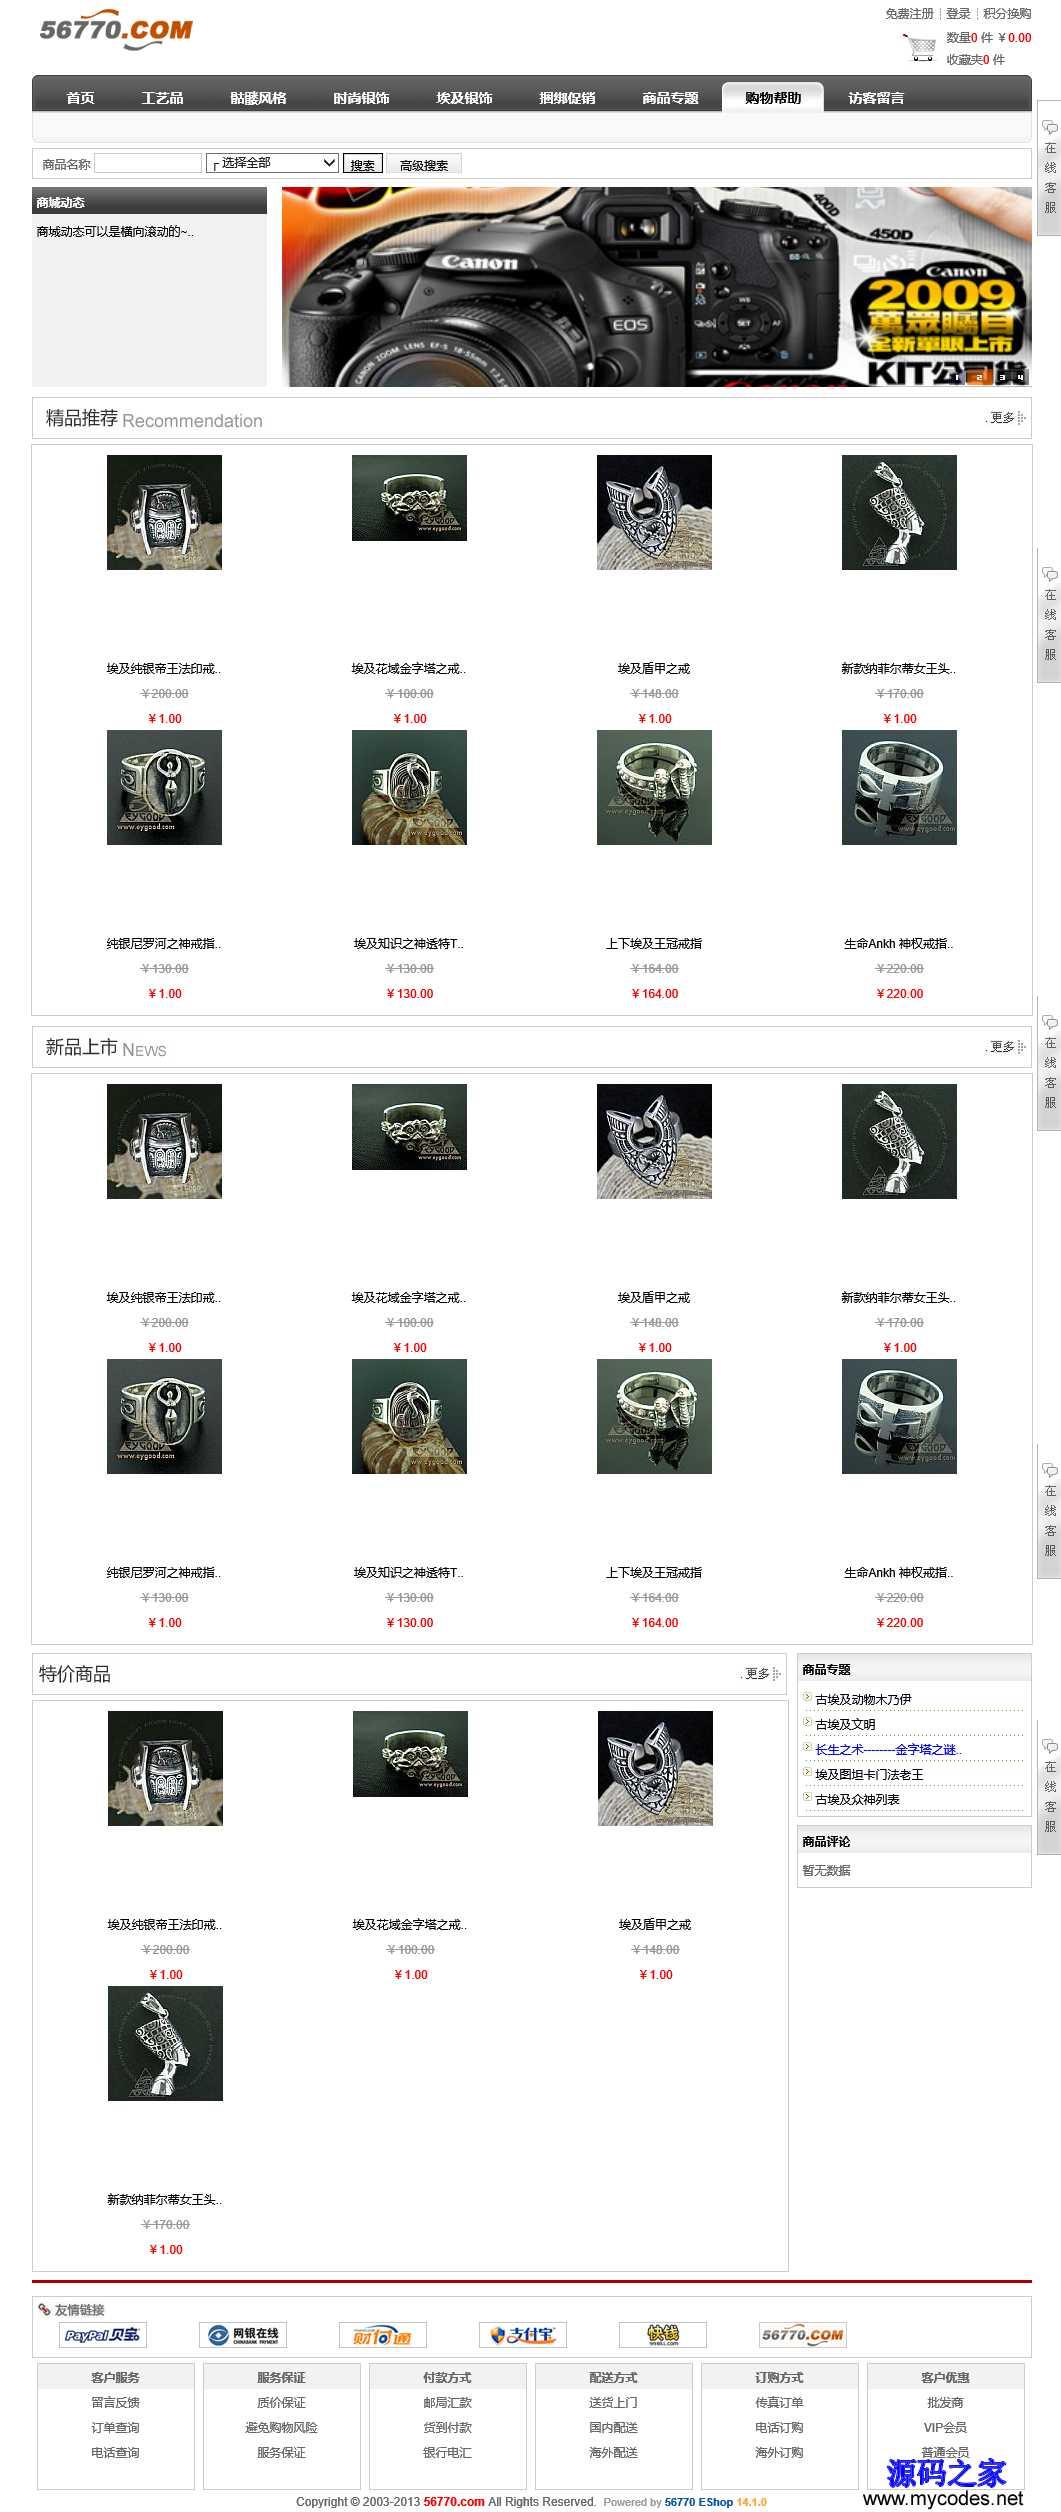 乐彼网上开店系统 14.1.0 简体中文 asp源码